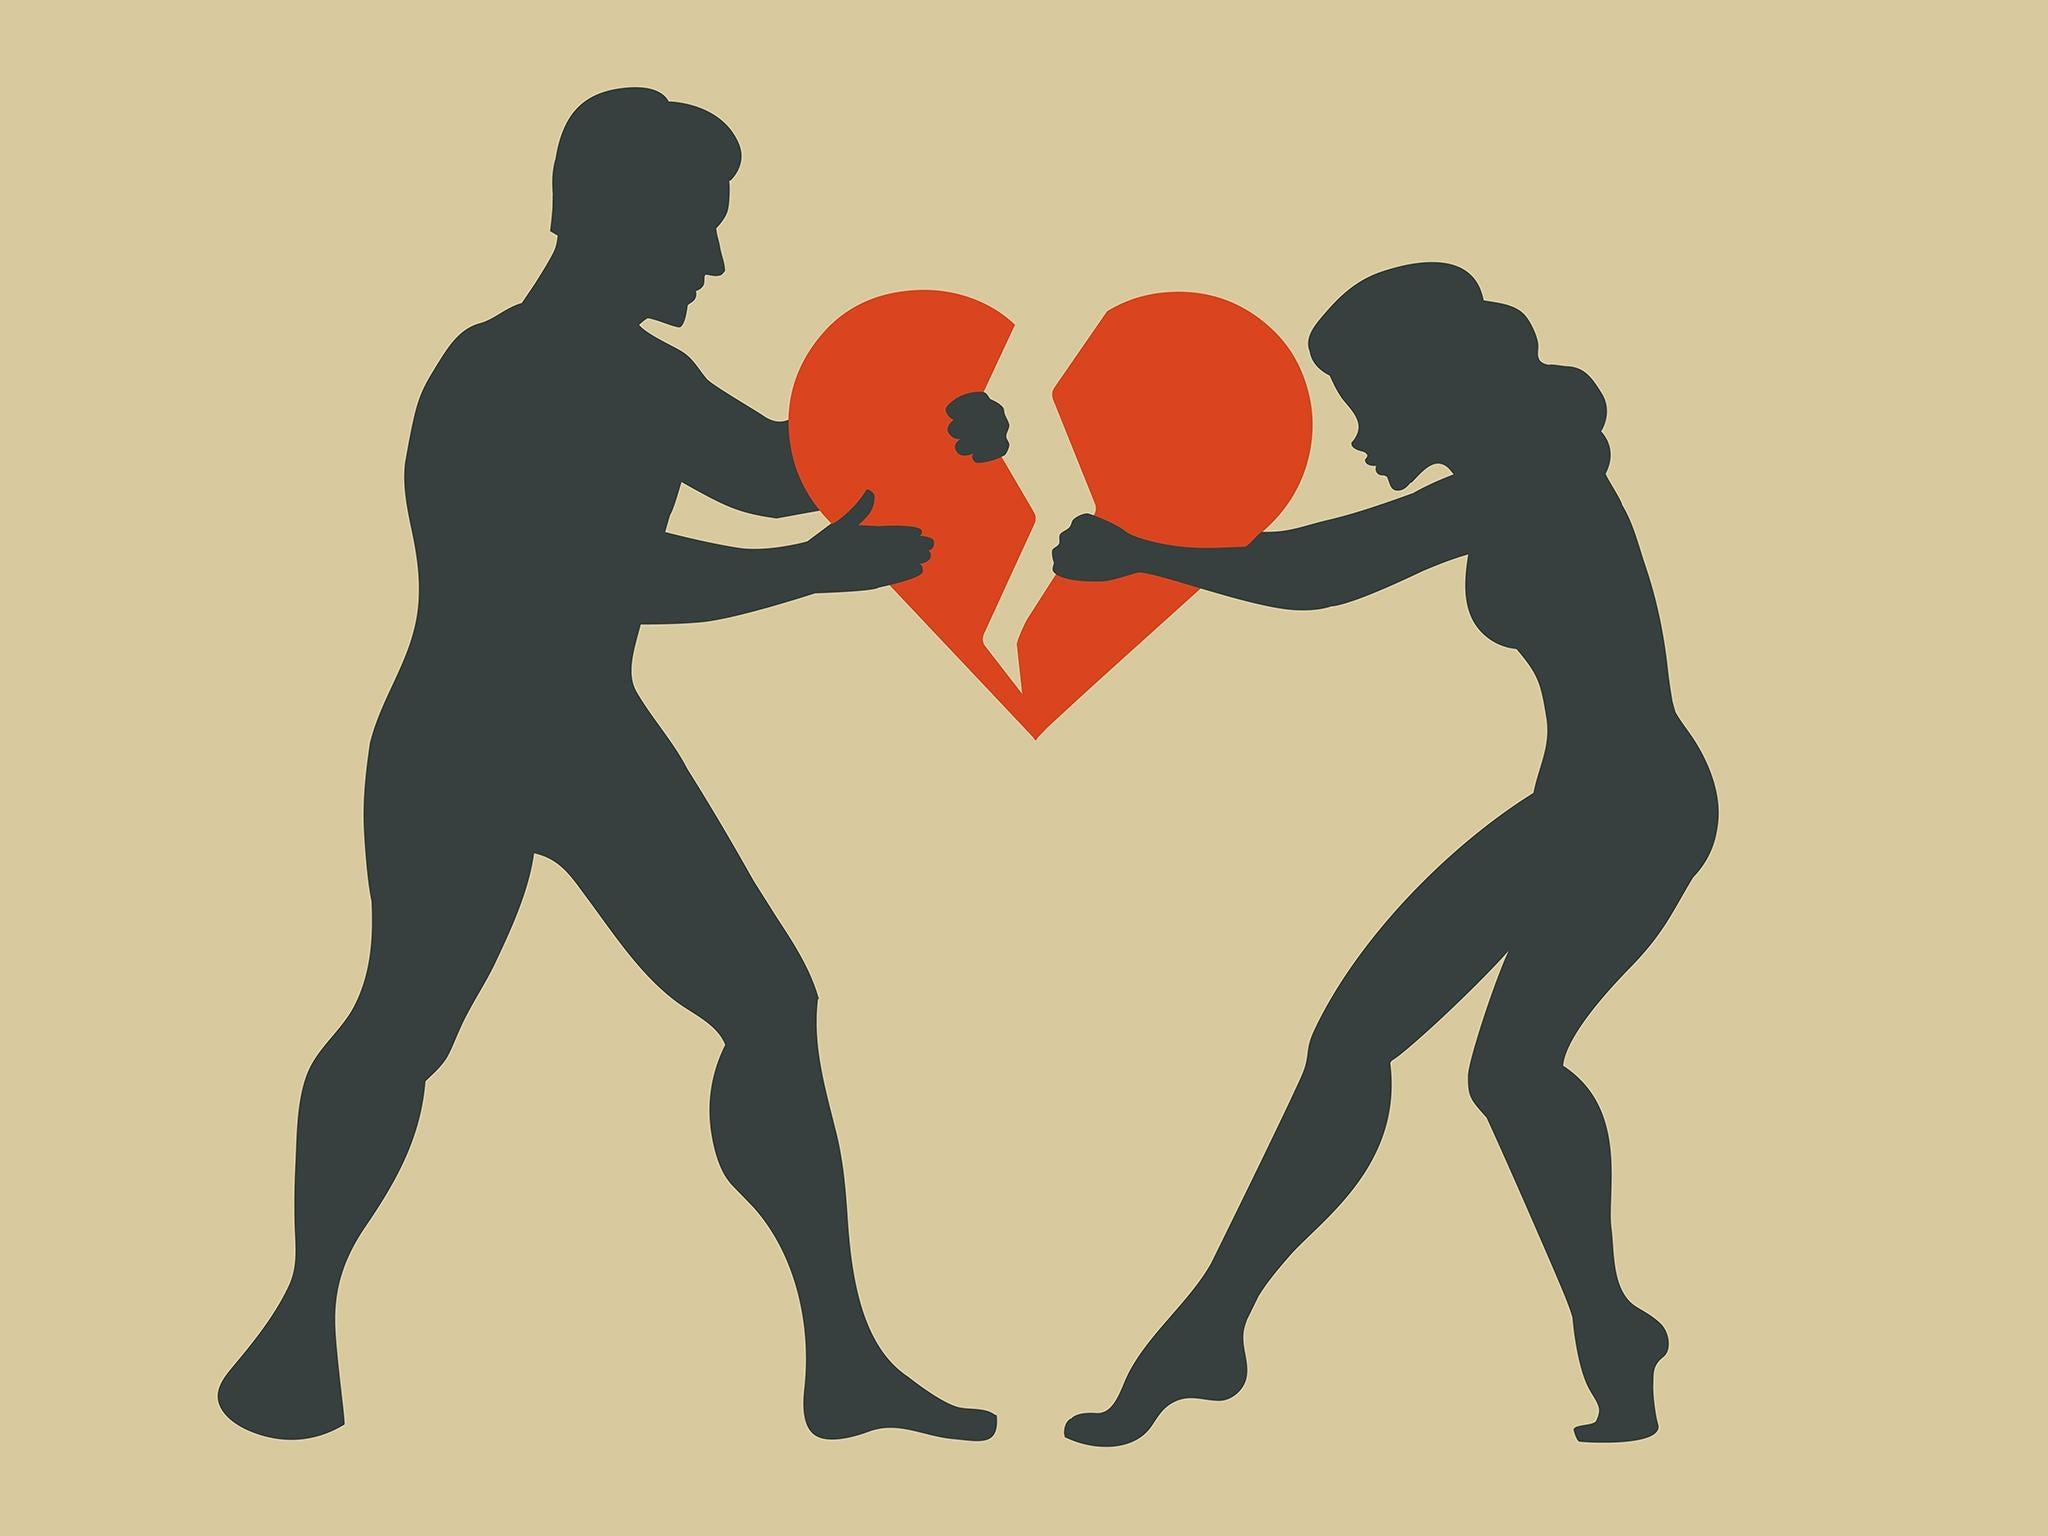 مشکلات پس از طلاق